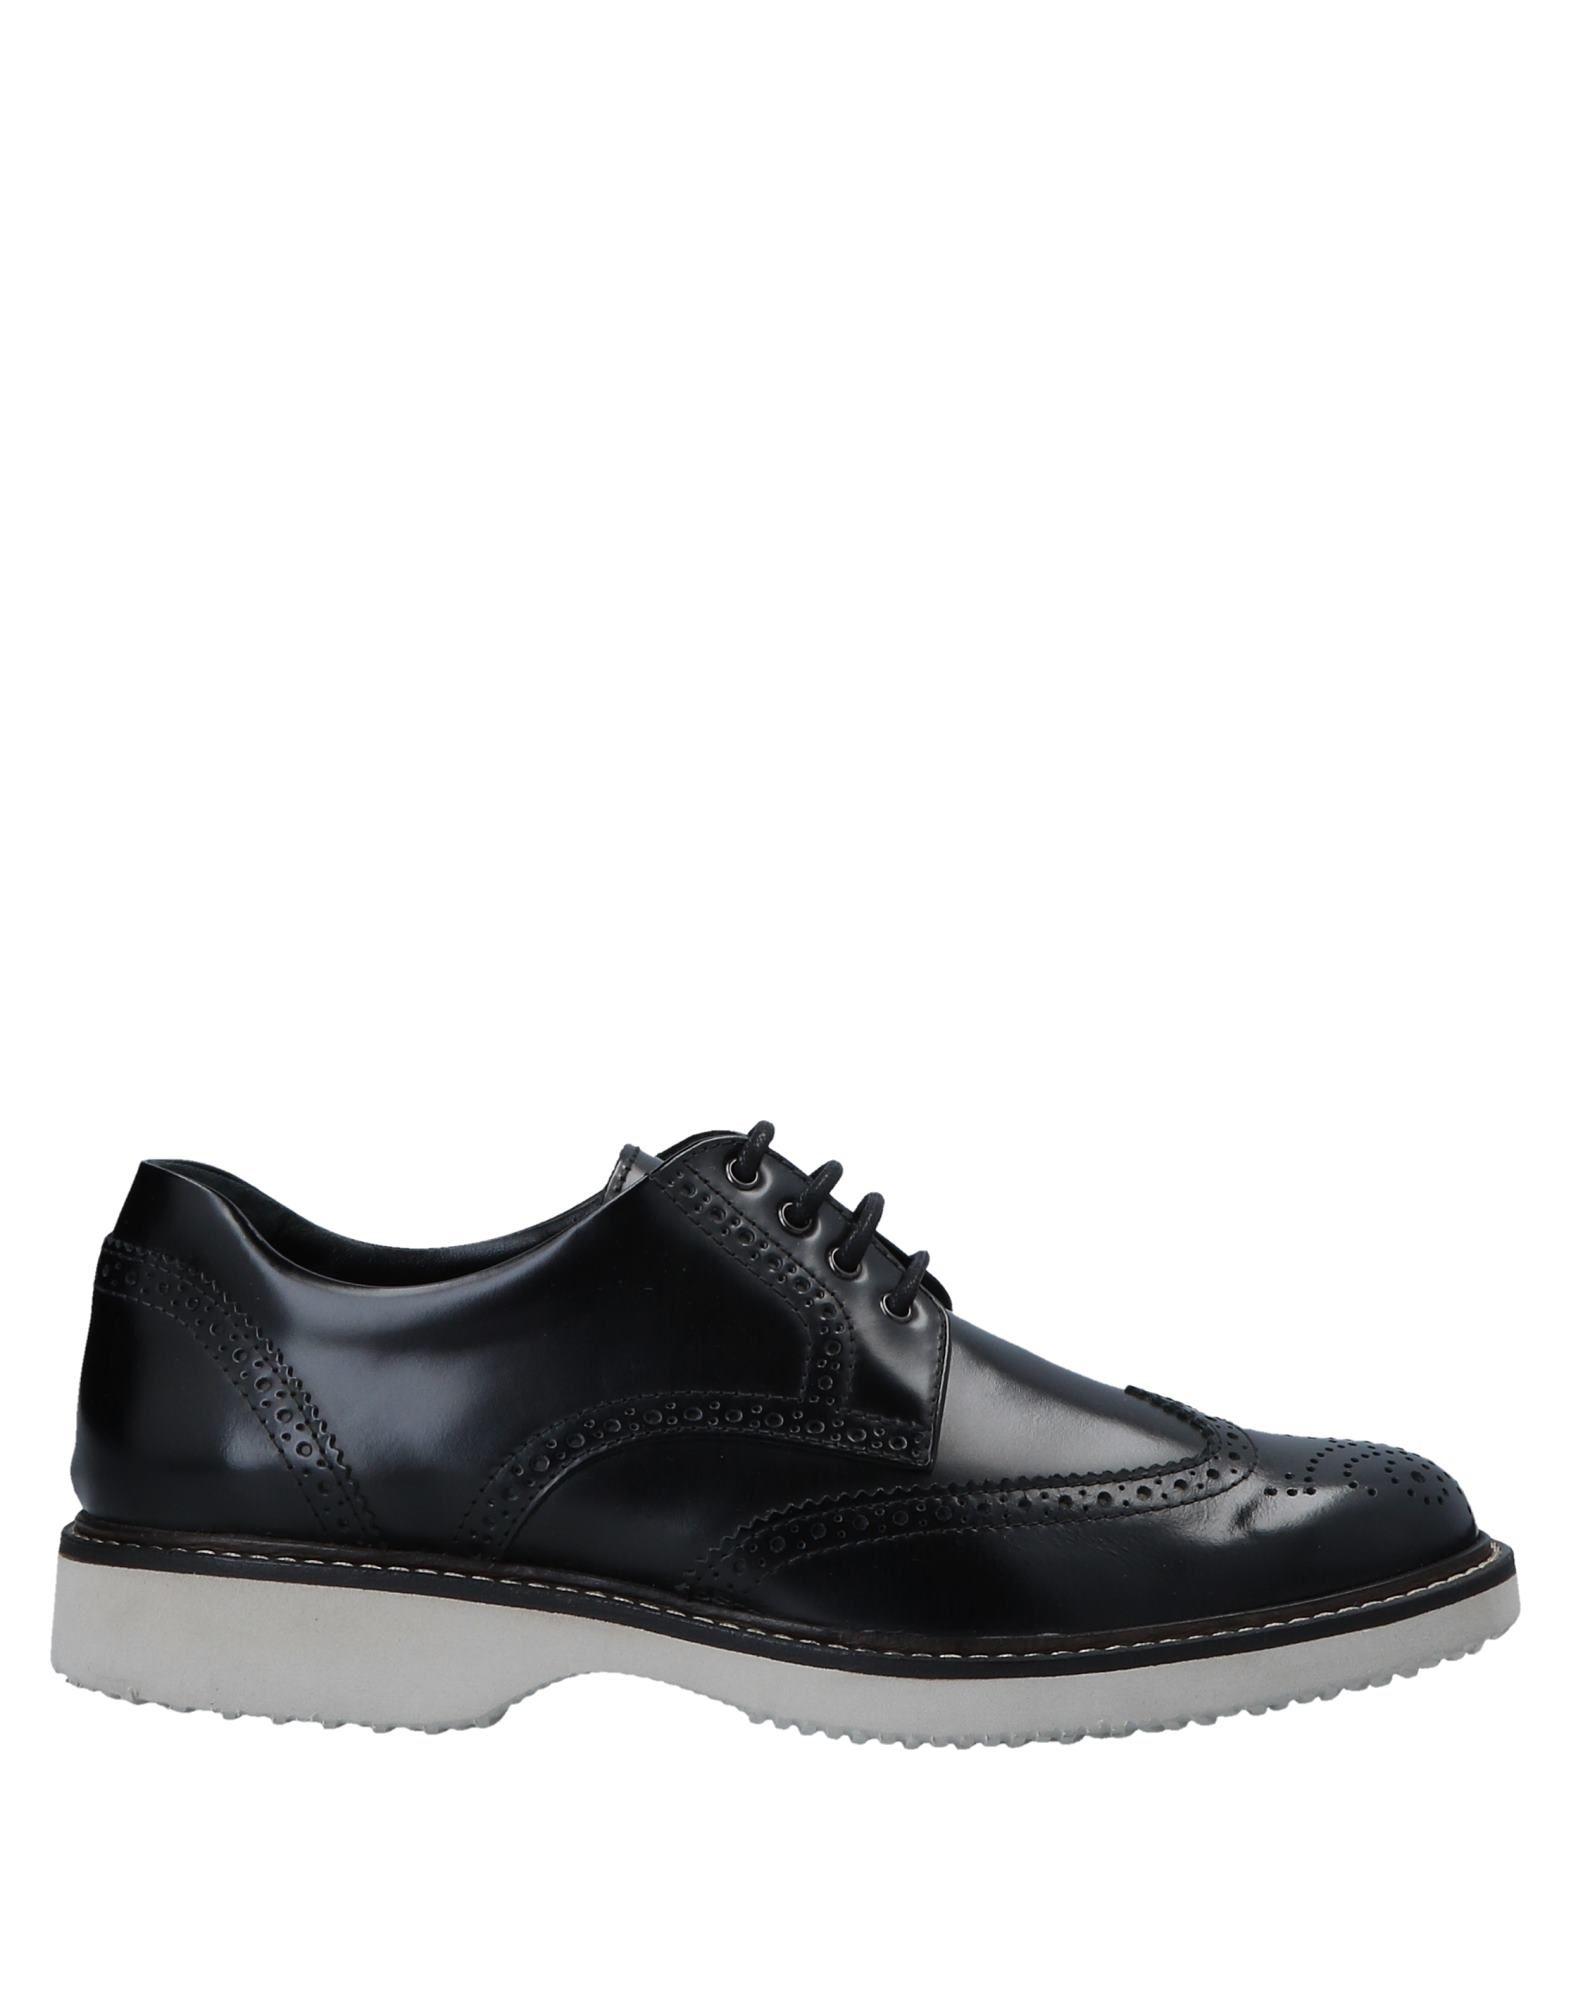 Hogan Schnürschuhe Herren  11560625EX Gute Qualität beliebte Schuhe